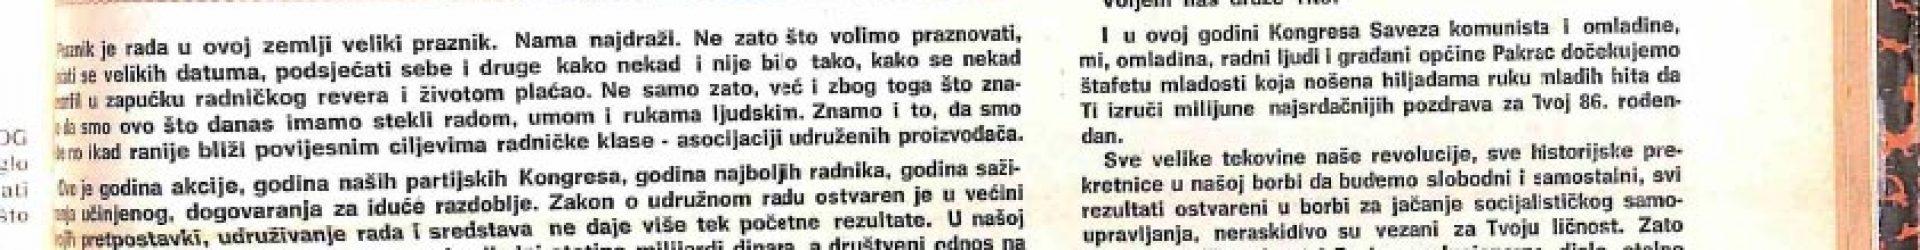 29 travnja 1978